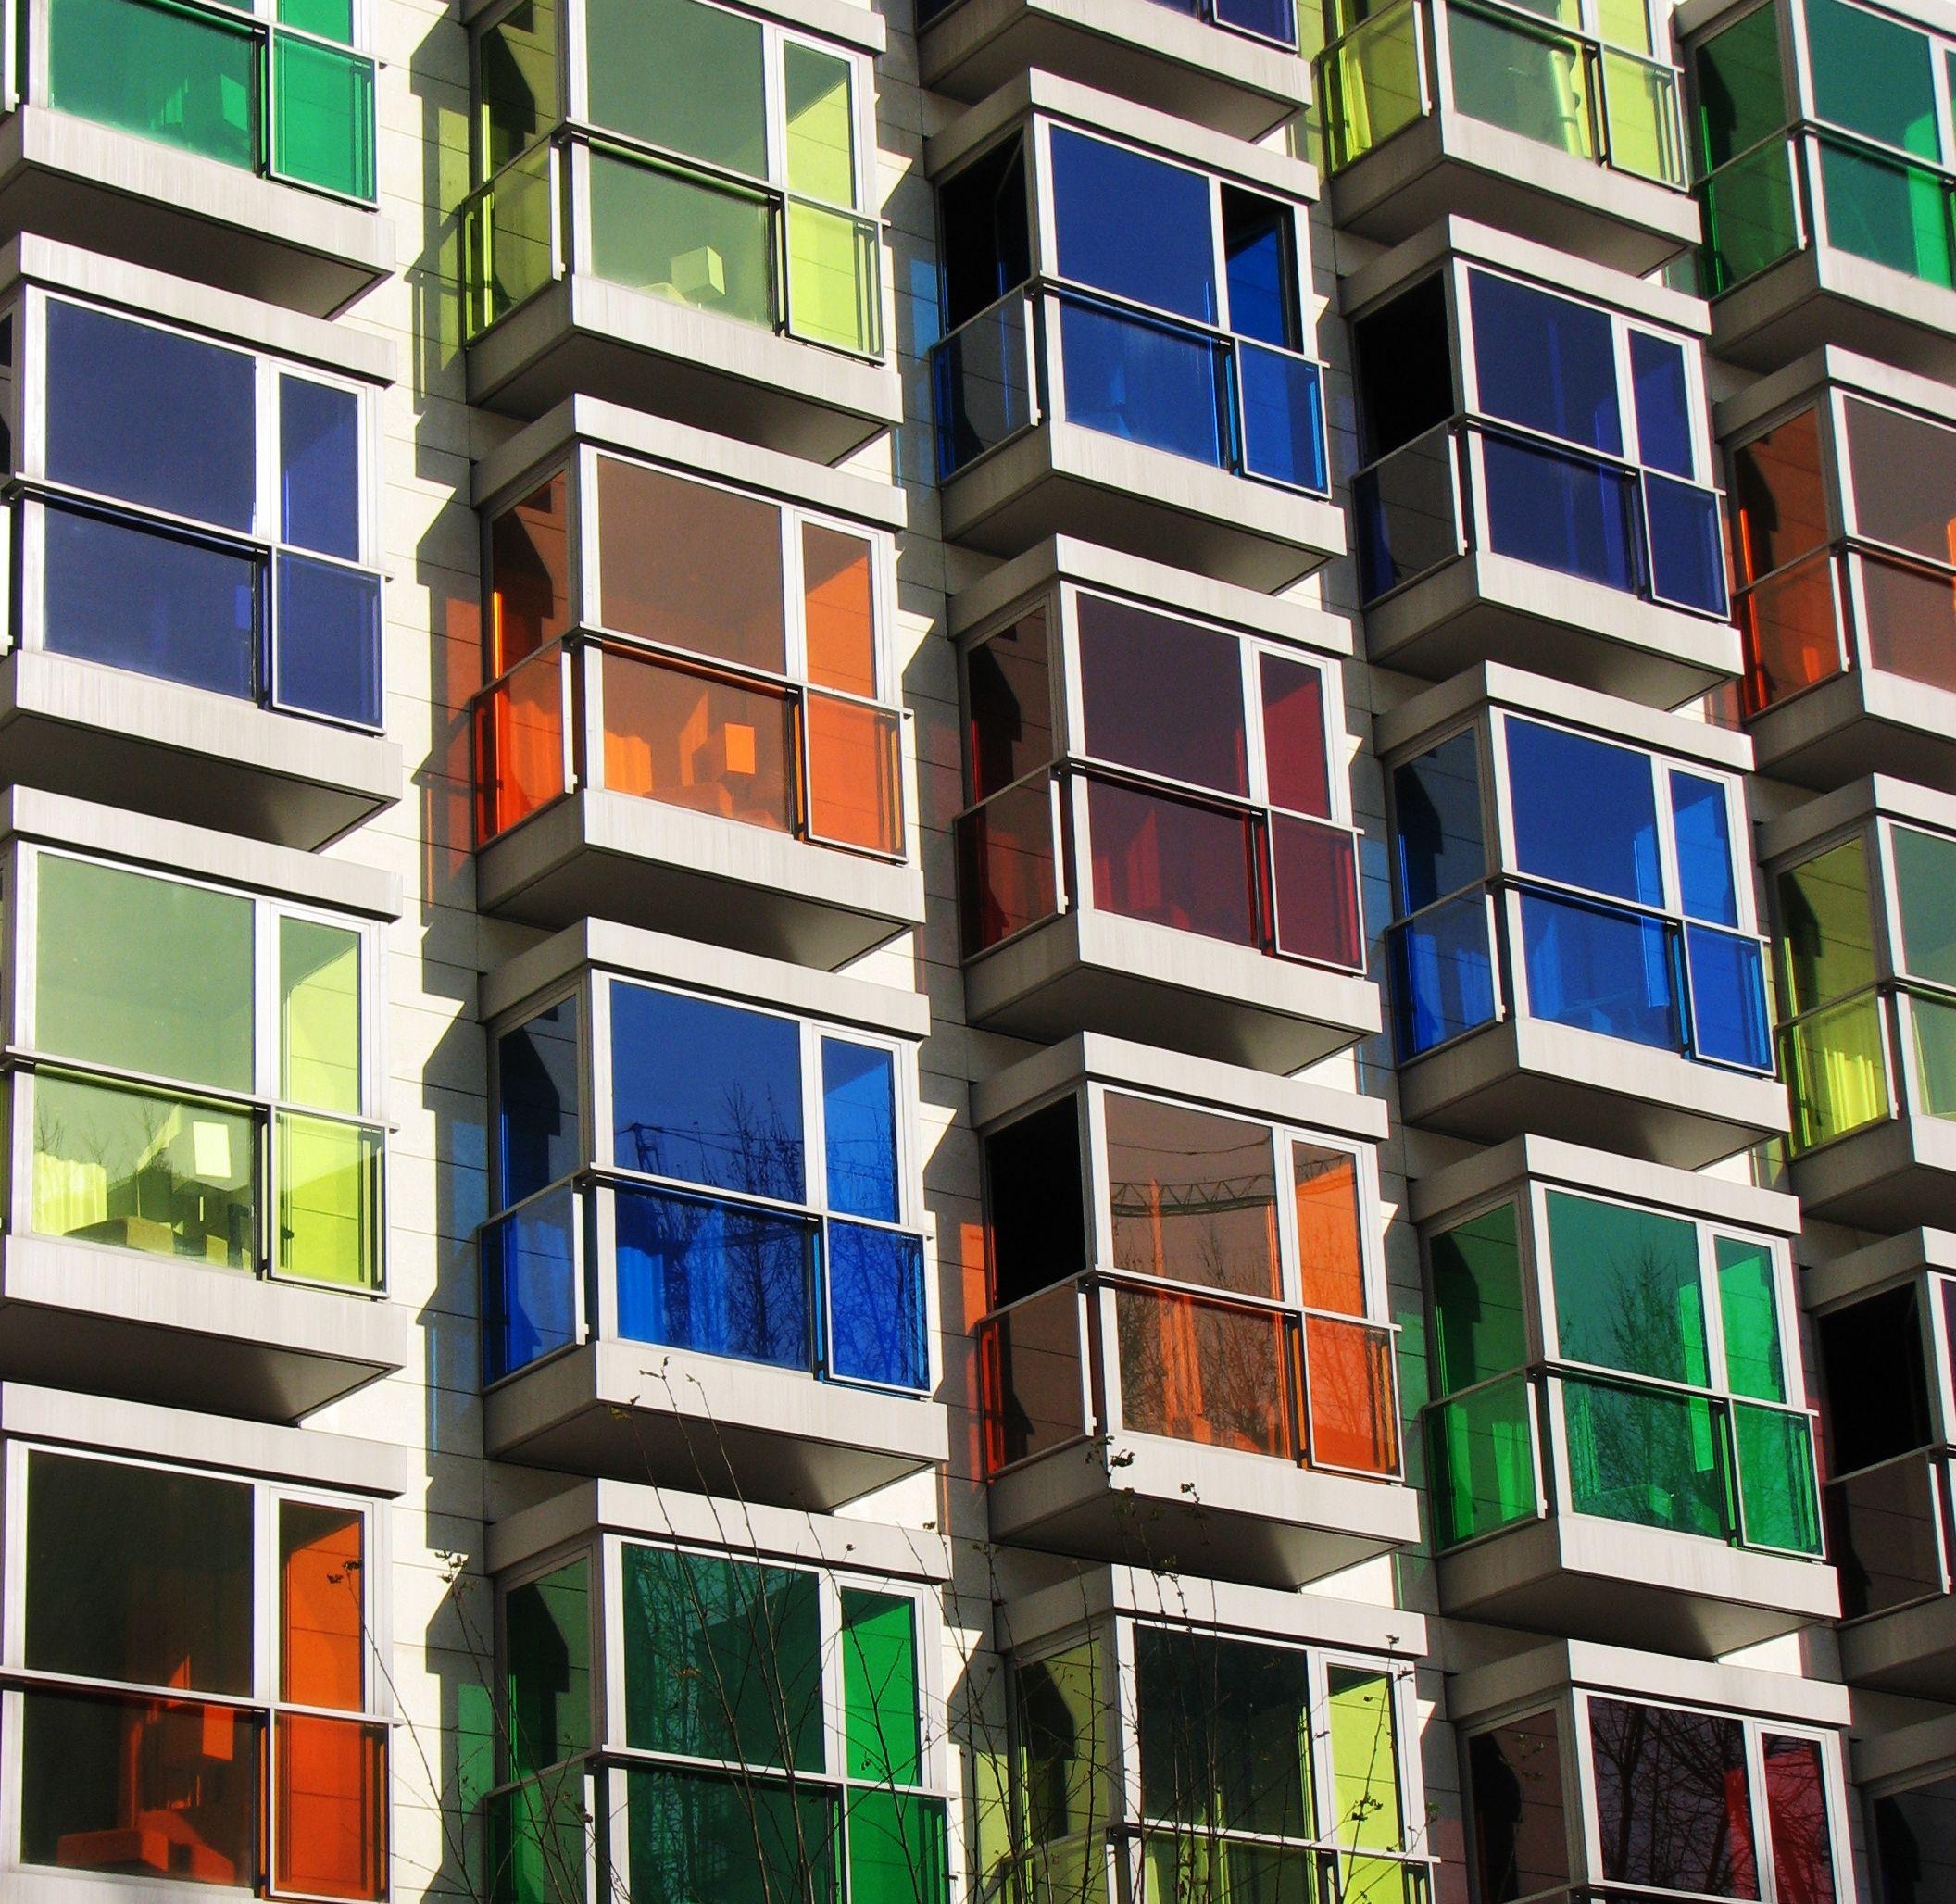 Colourful Window Bo Are The Trademark Of Hesperia Bilbao Hotel